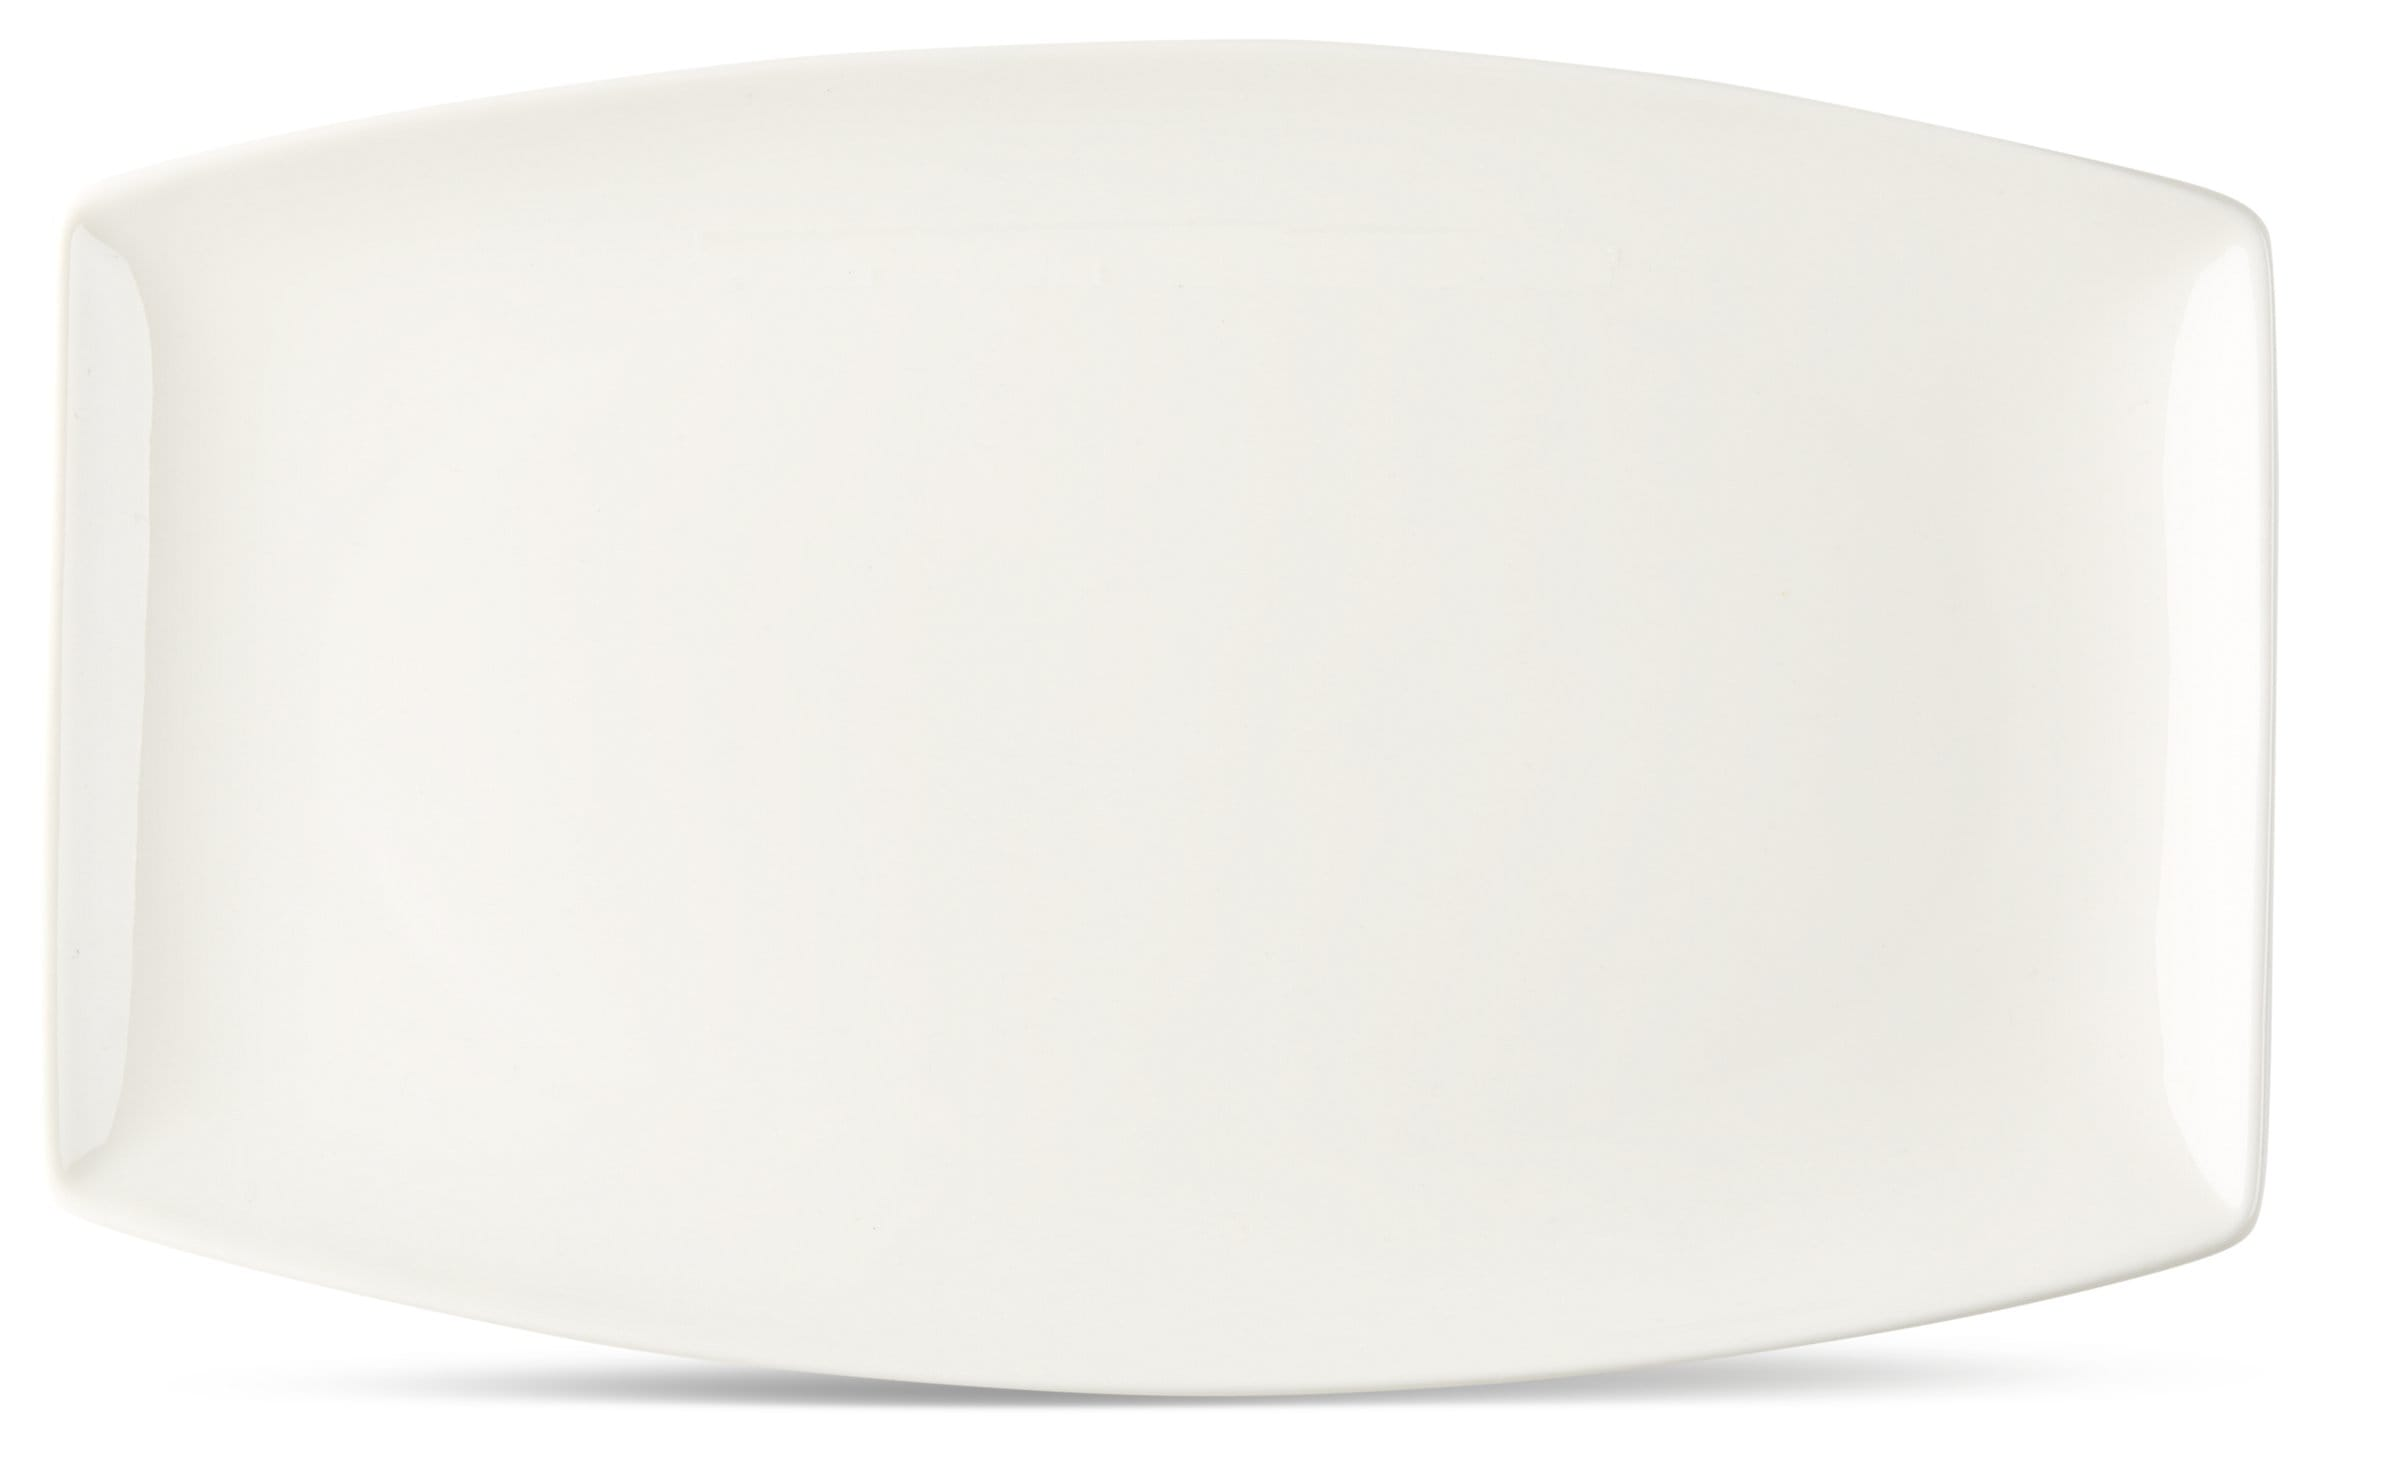 Cucina & Tavola FINE LINE Servierplatte klein